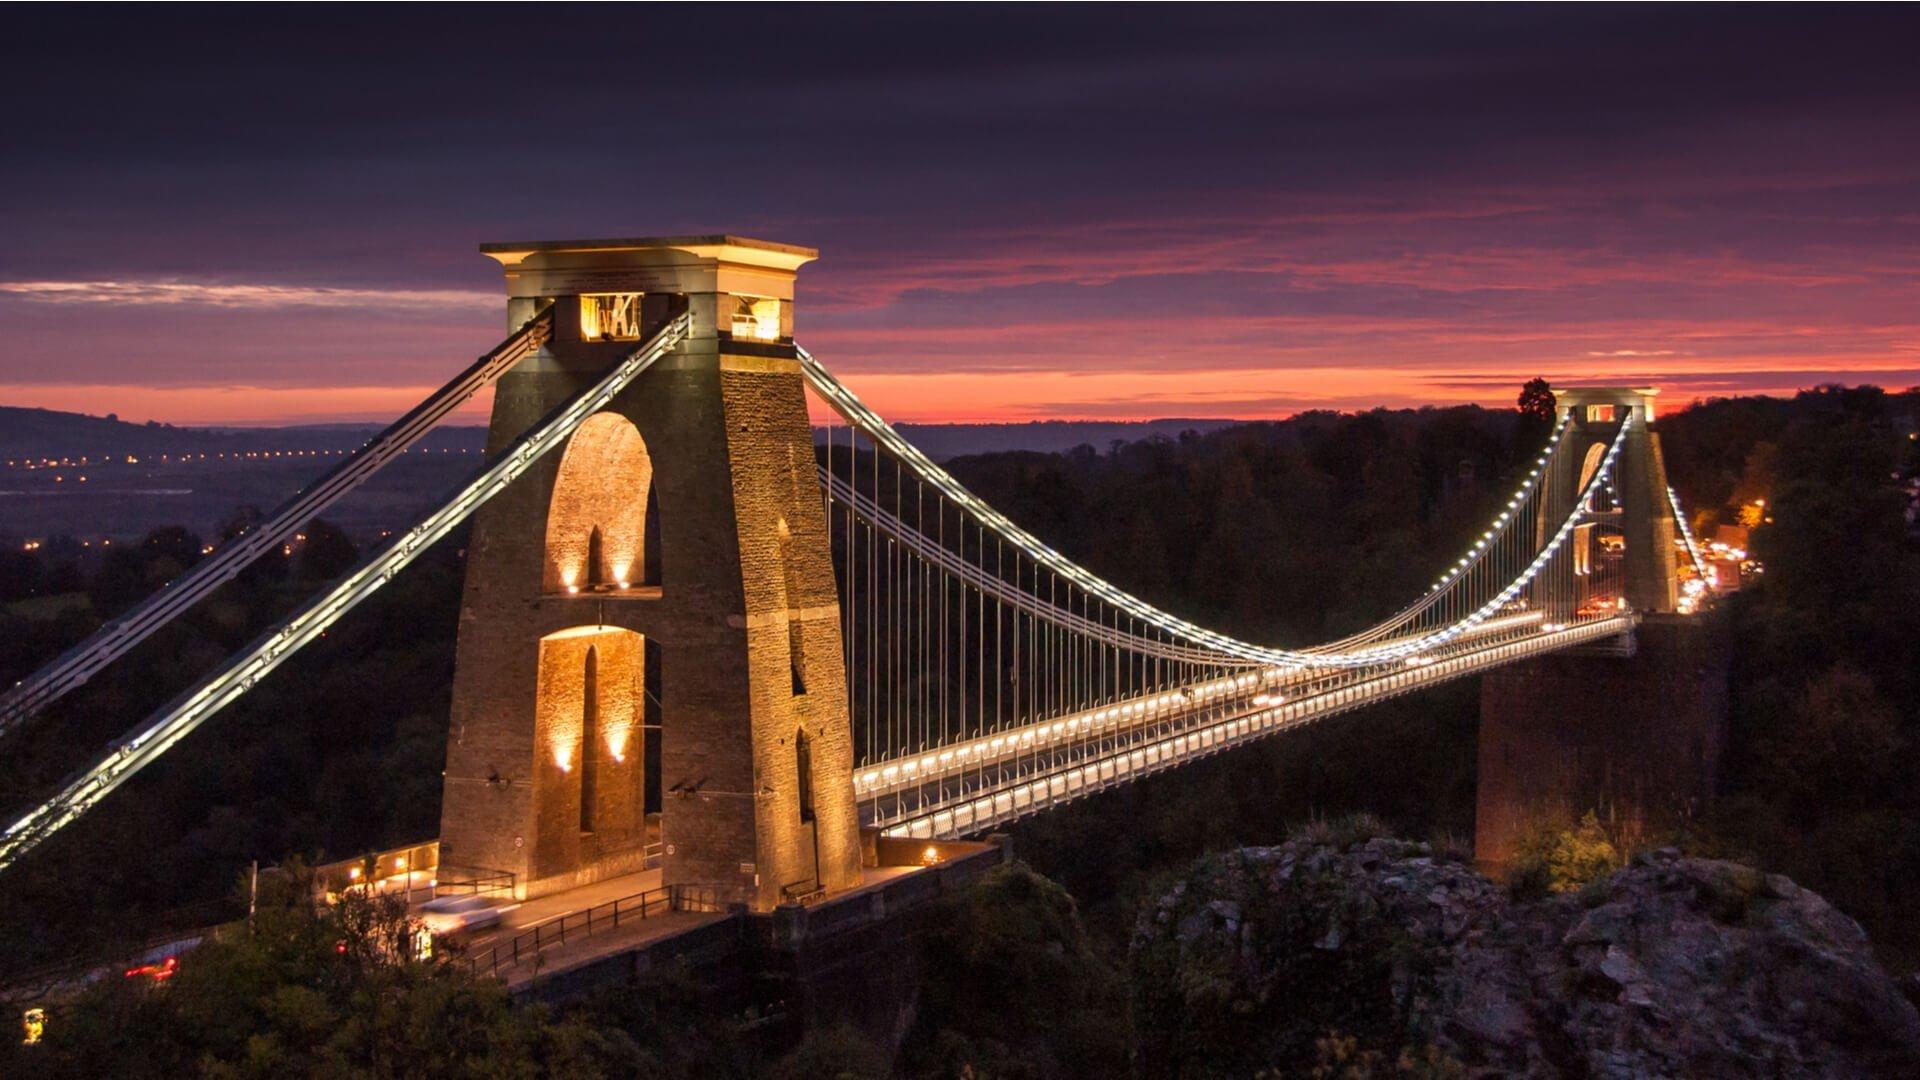 Bristol at night